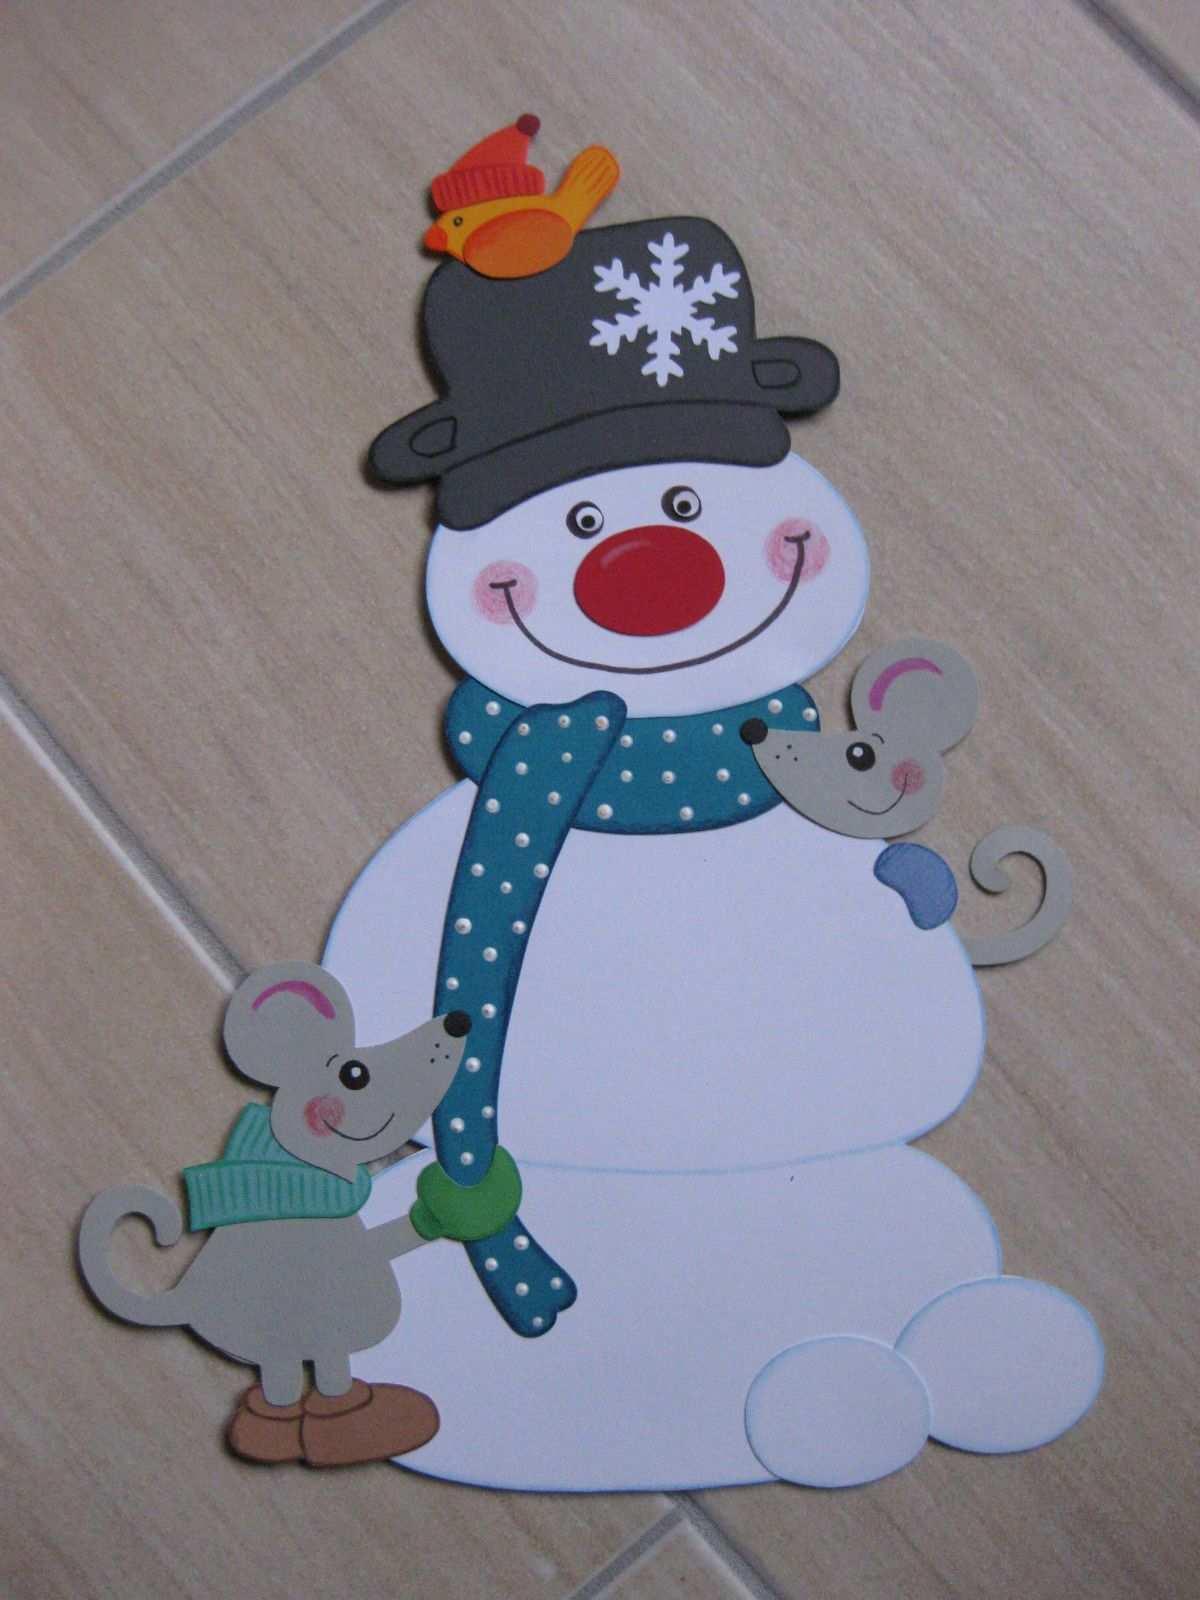 Fensterbild Tonkarton Schneemann Xl 30 5 X 21 Cm Neu For Sale Eur 11 Eierkarton Basteln Weihnachten Basteln Weihnachten Weihnachten Basteln Girlande